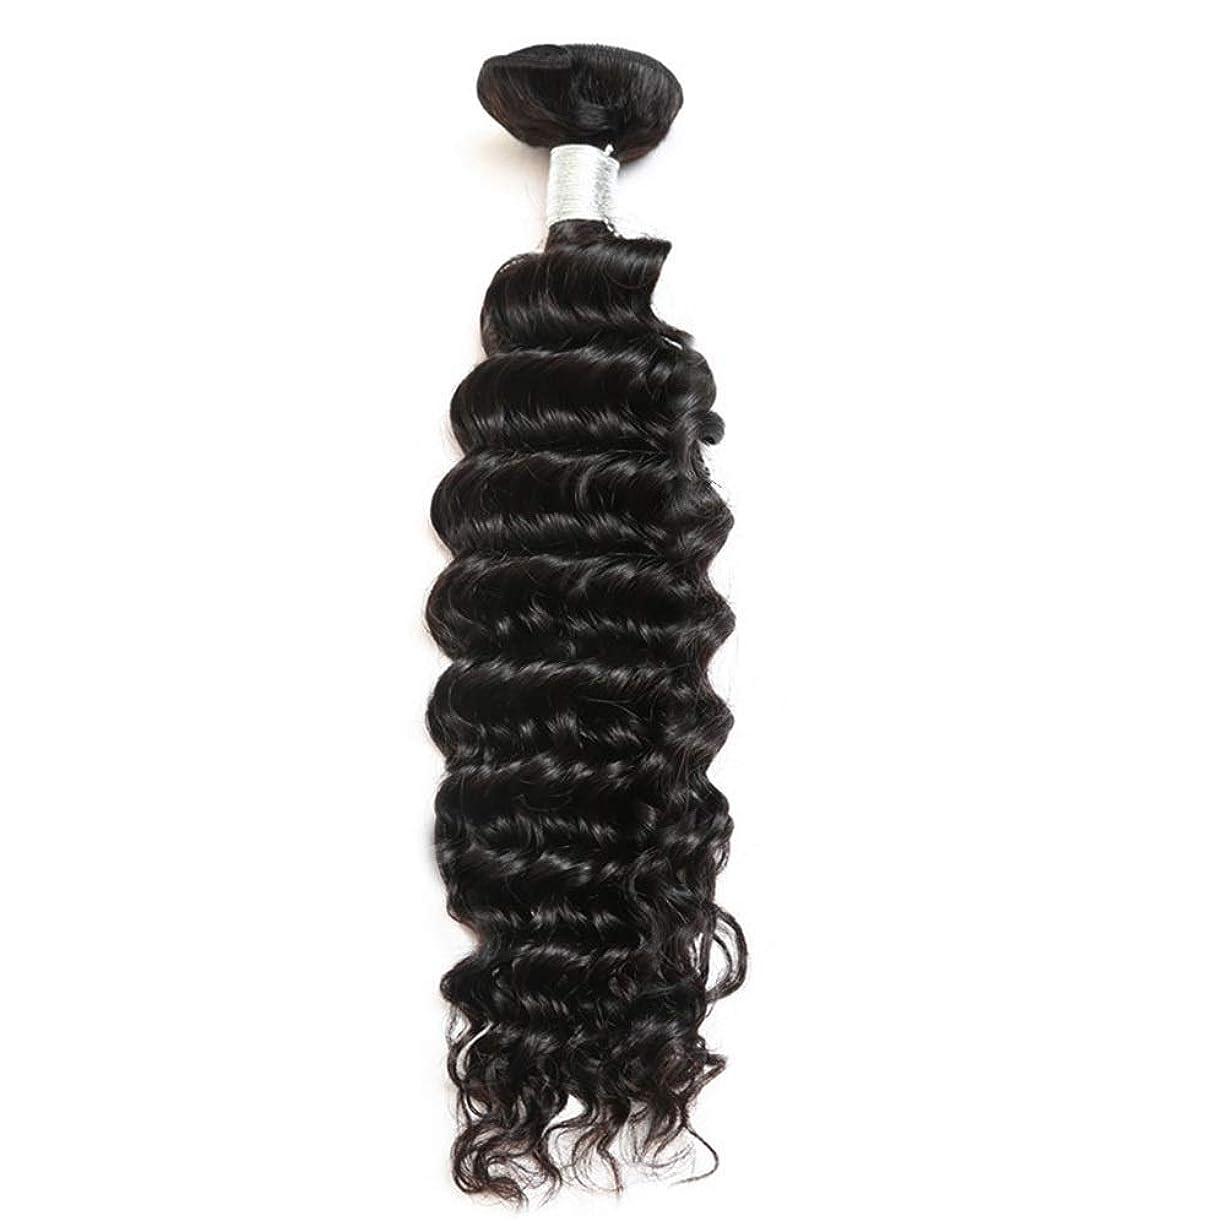 黒人ハーフカイウスYESONEEP ブラジルのディープウェーブ人間100%髪の束100g /バンドルナチュラルブラックカラーロールプレイングかつら女性のかつら (色 : 黒, サイズ : 24 inch)